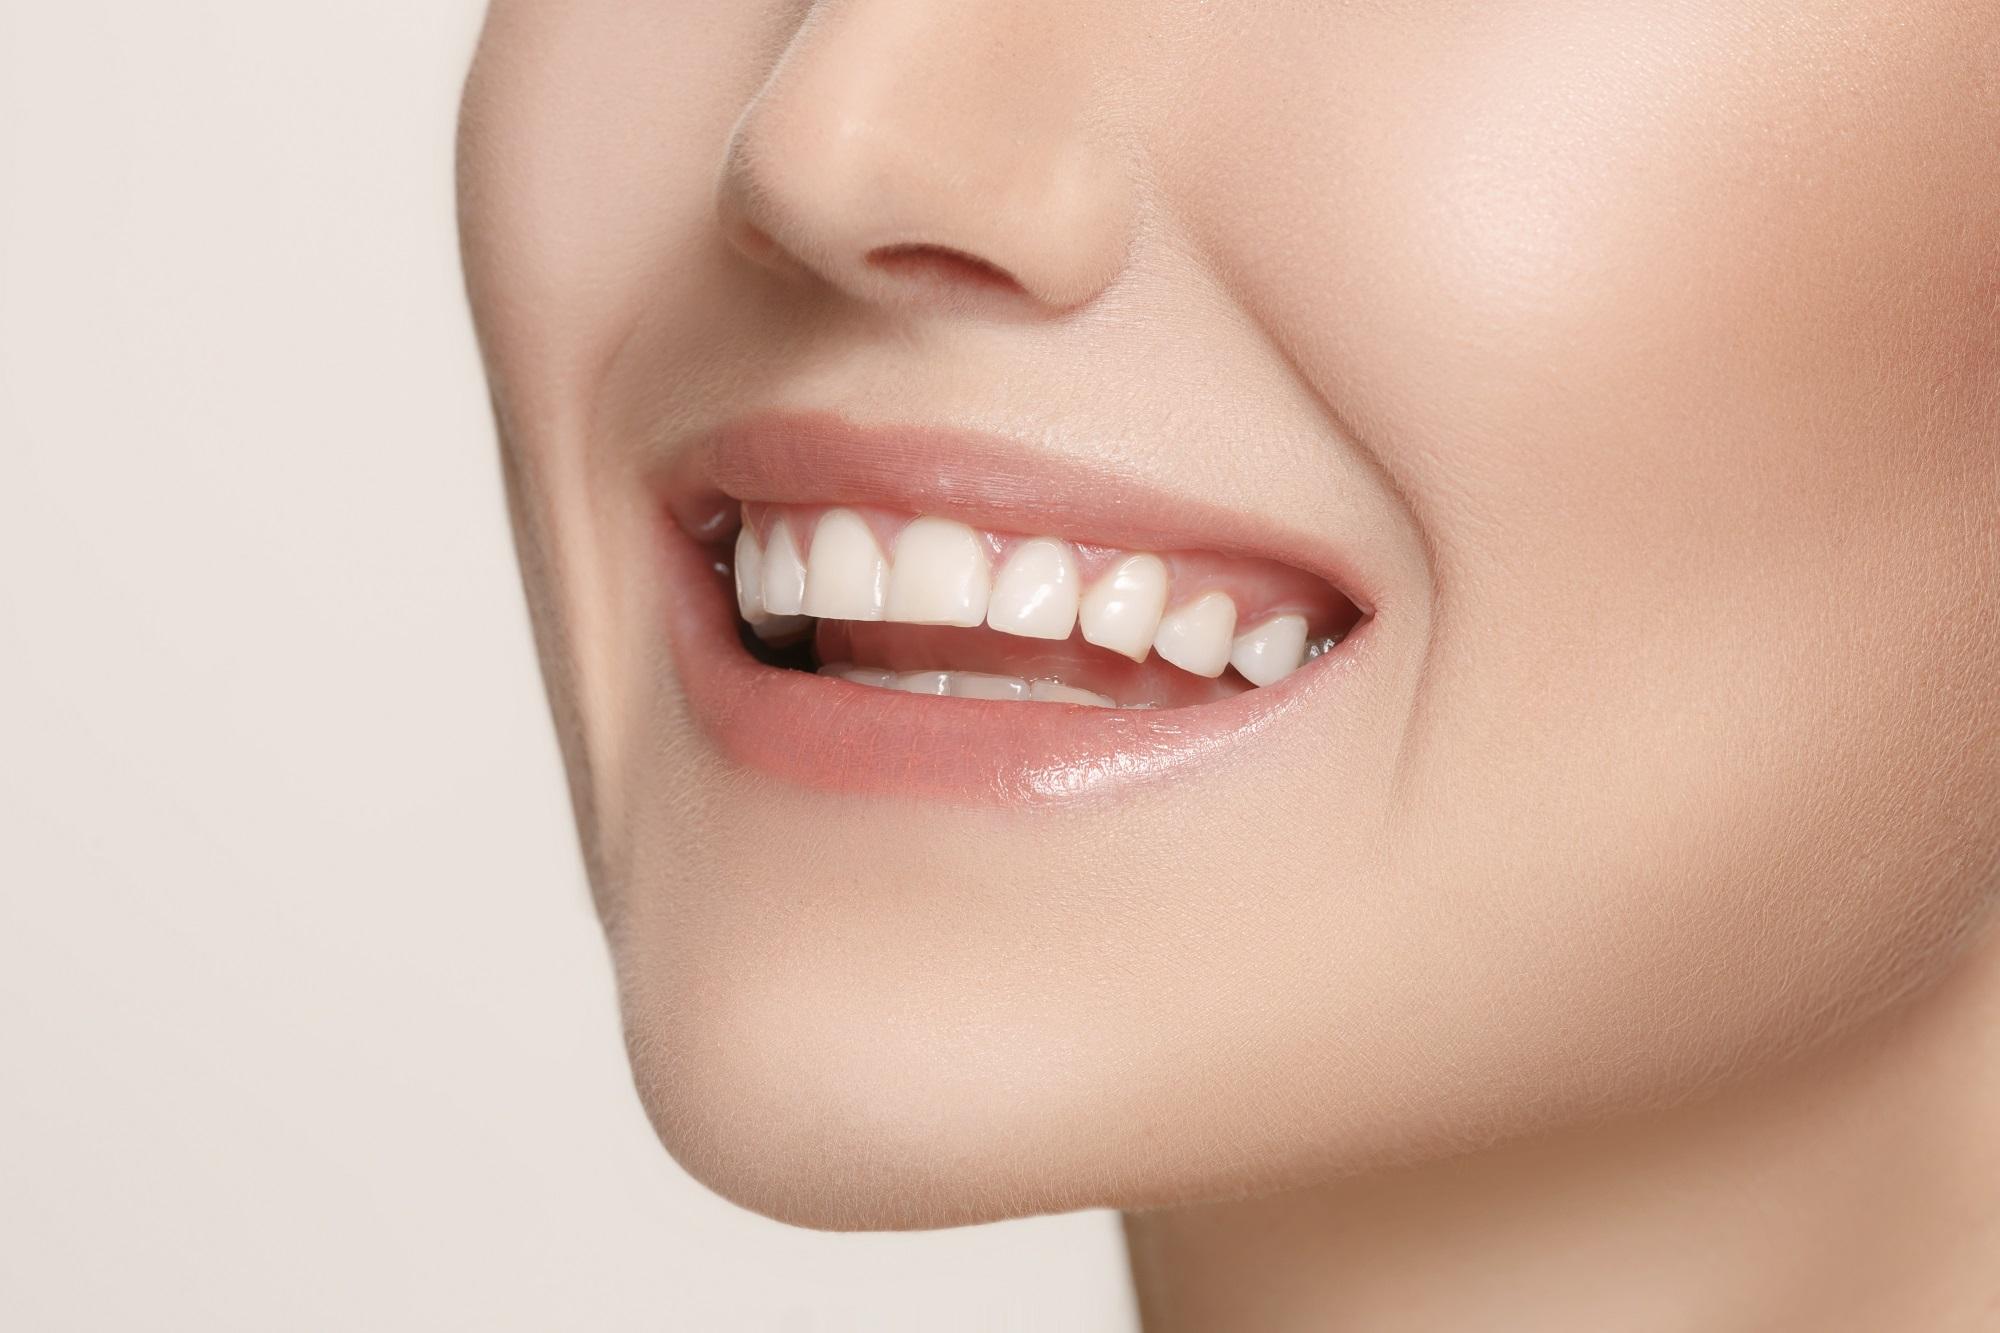 enfermedades periodontales y salud general